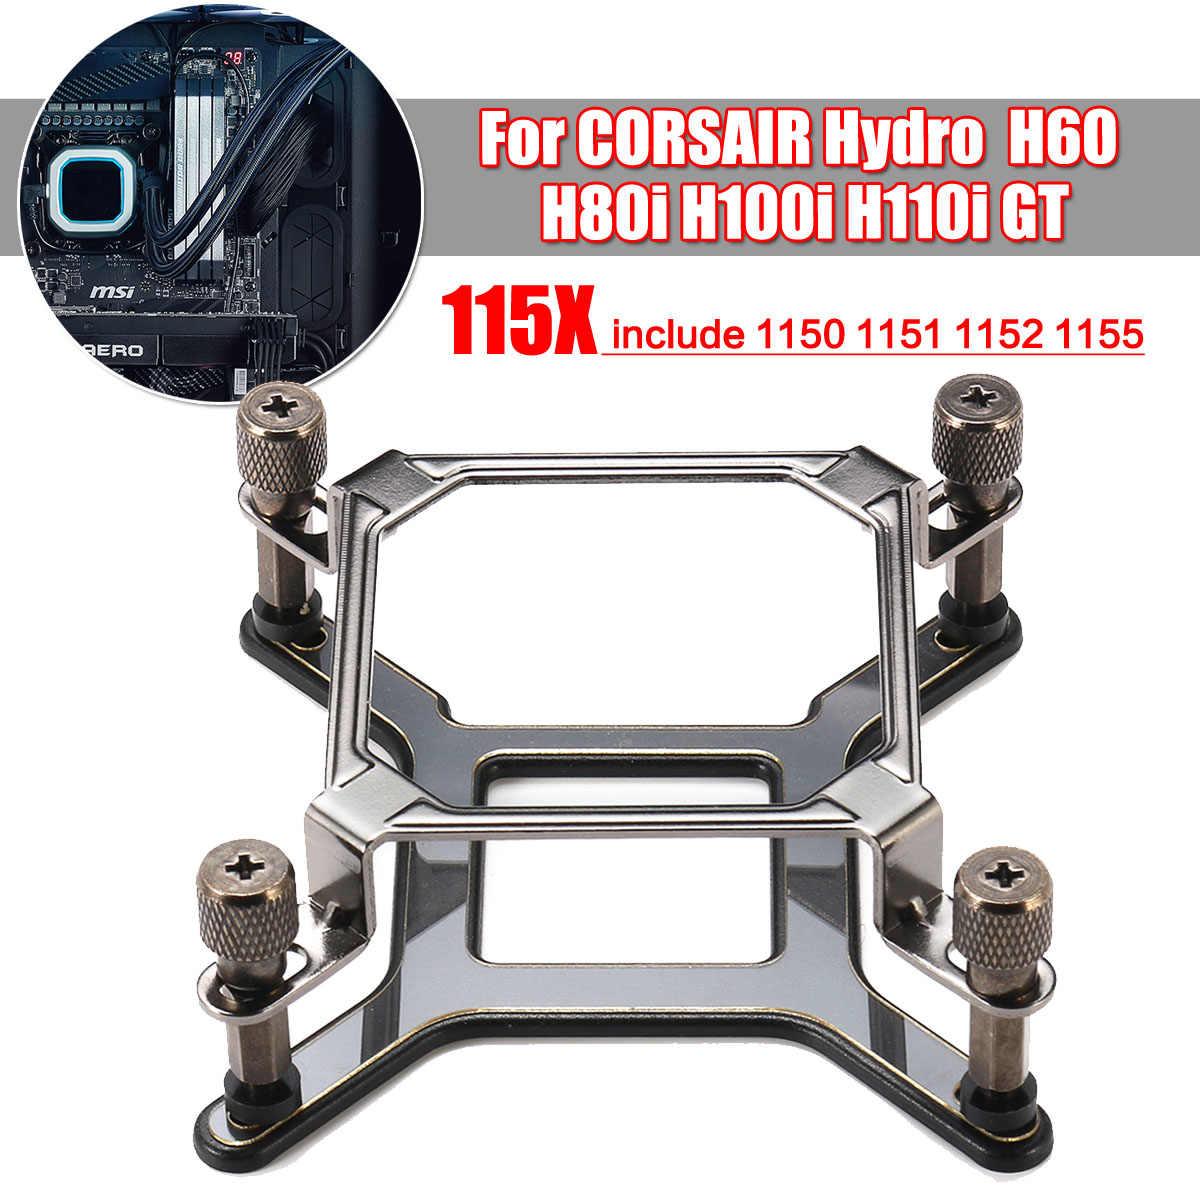 115x CPU 水クーラー取付金具 + ハードウェアコルセアハイドロ H60 H80i H100i H110i Gt インテル LGA 1150 1151 1155 1156